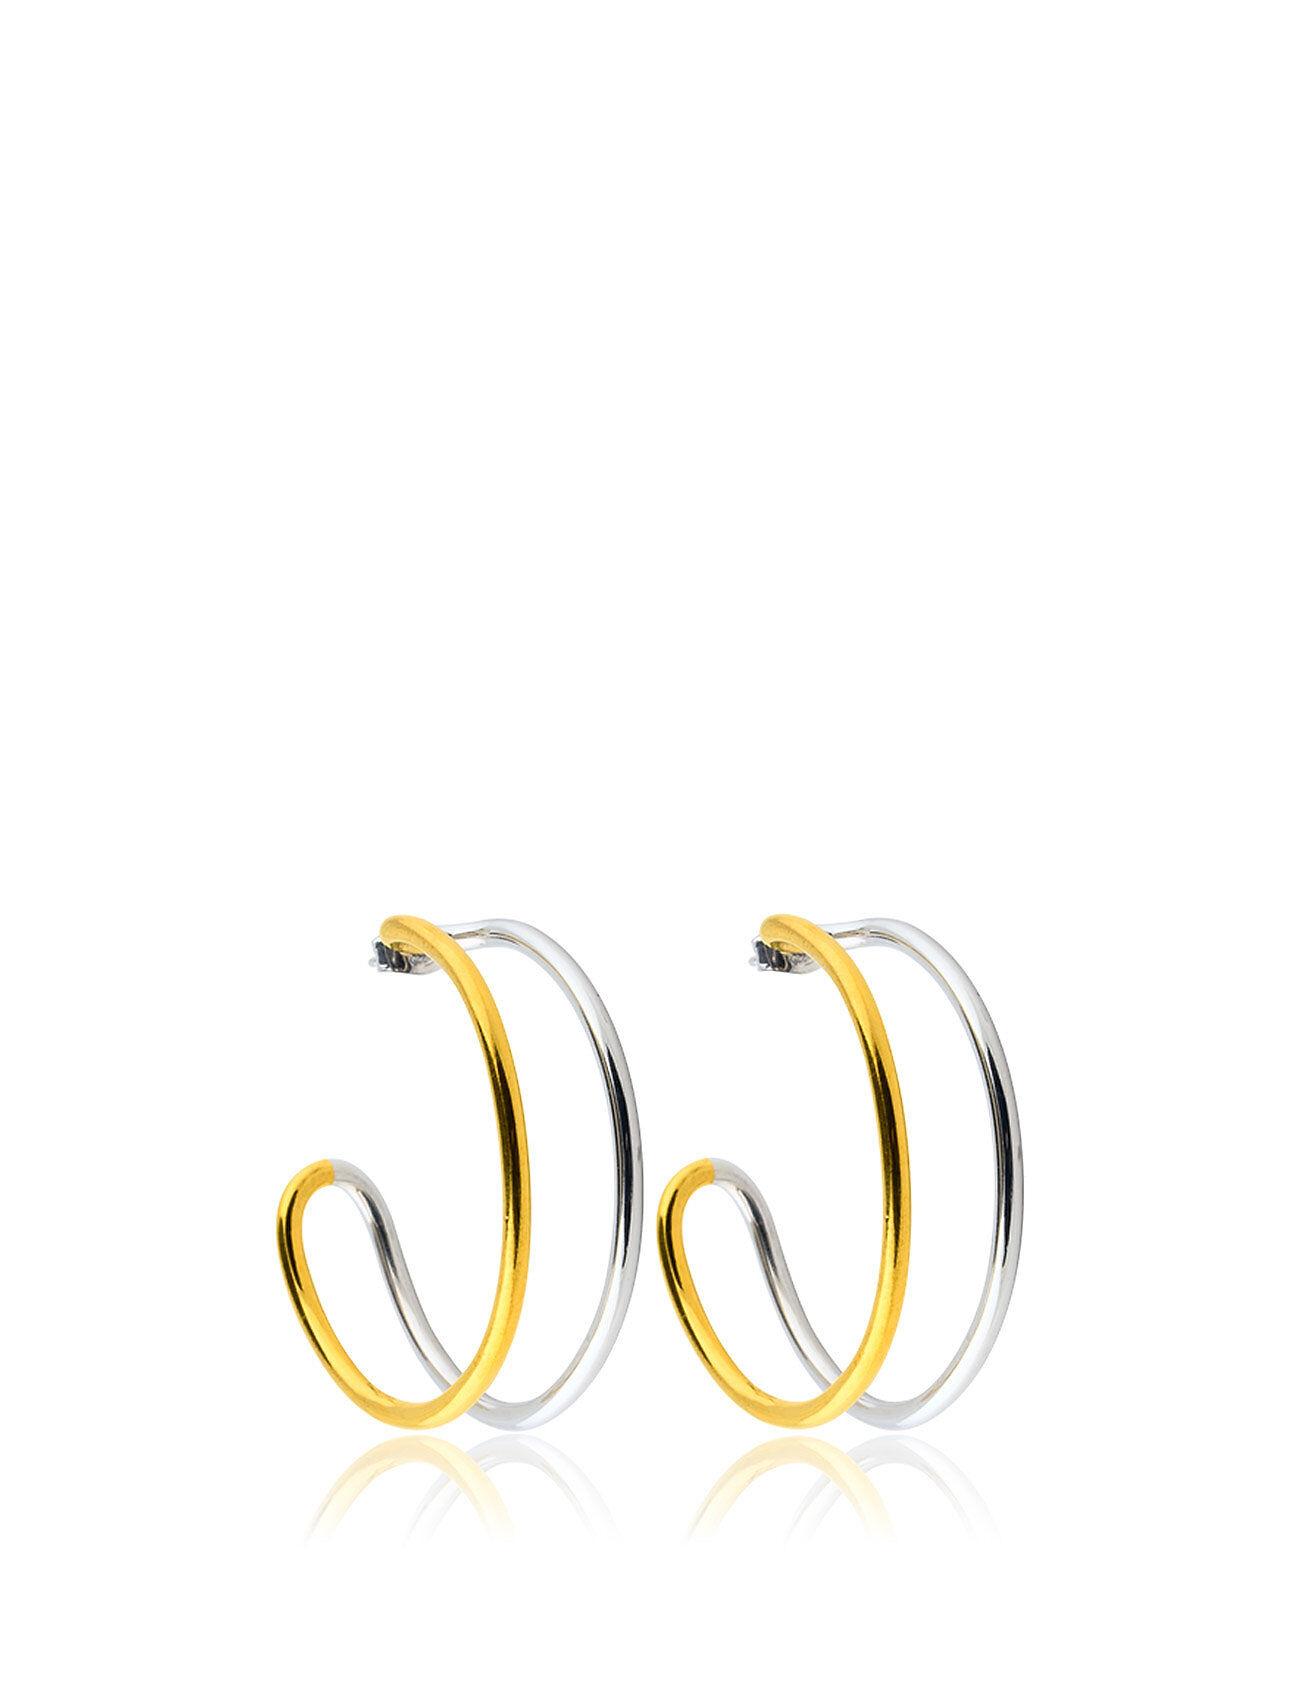 SOPHIE by SOPHIE Two T Hoops M Accessories Jewellery Earrings Hoops Kulta SOPHIE By SOPHIE